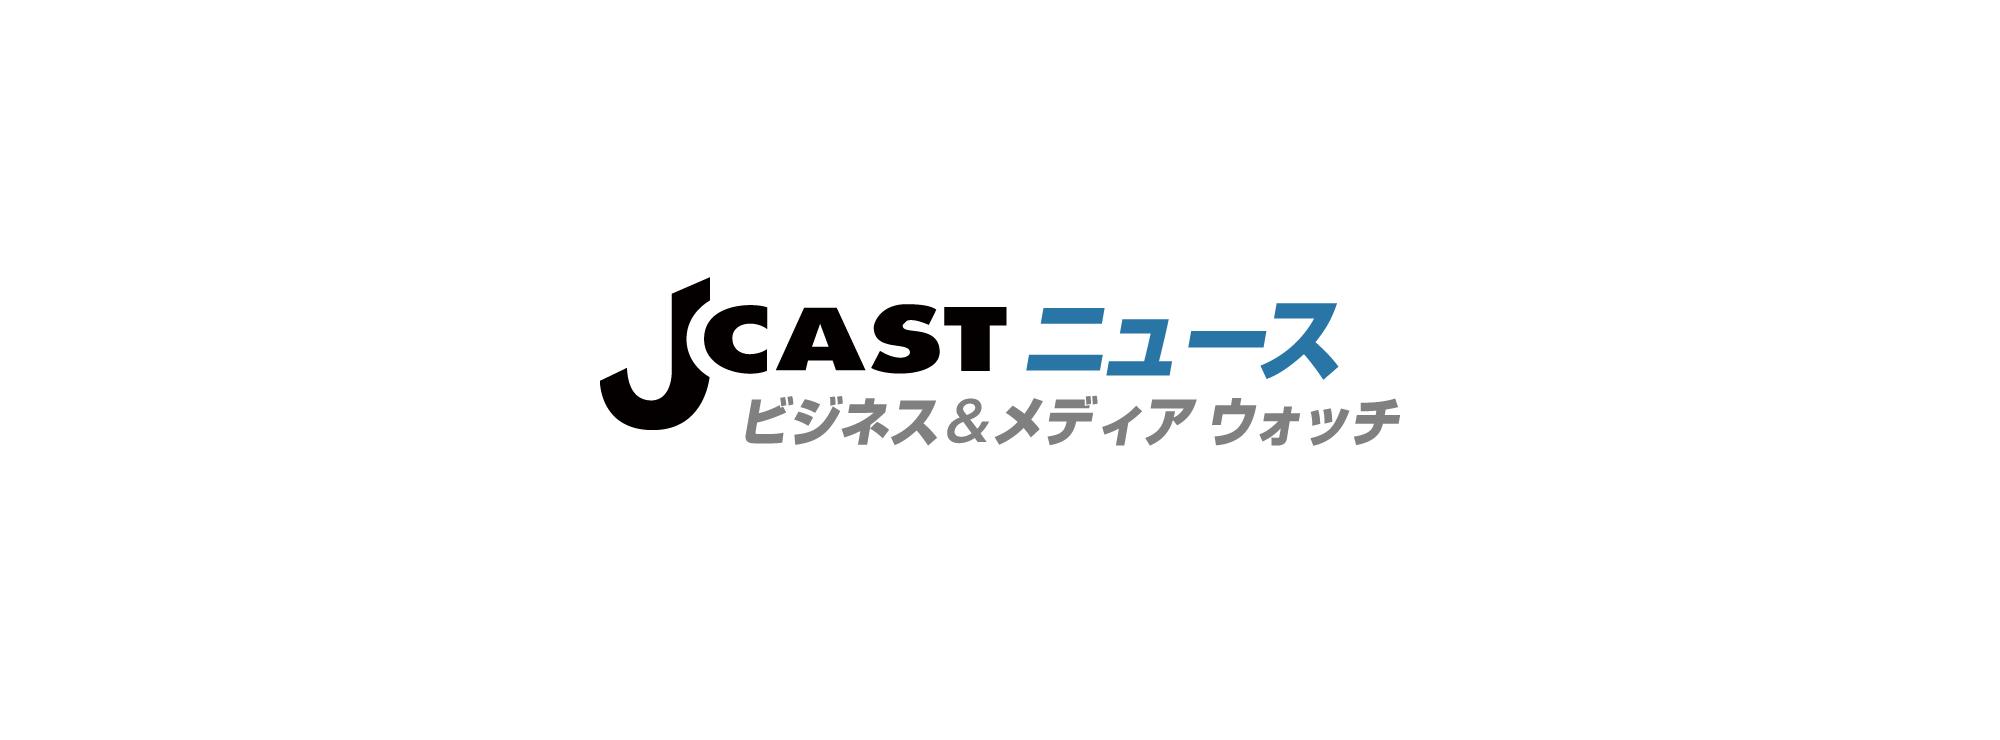 川島なお美語る 「ぞっとするほどのセクハラ発言」 : J-CASTニュース